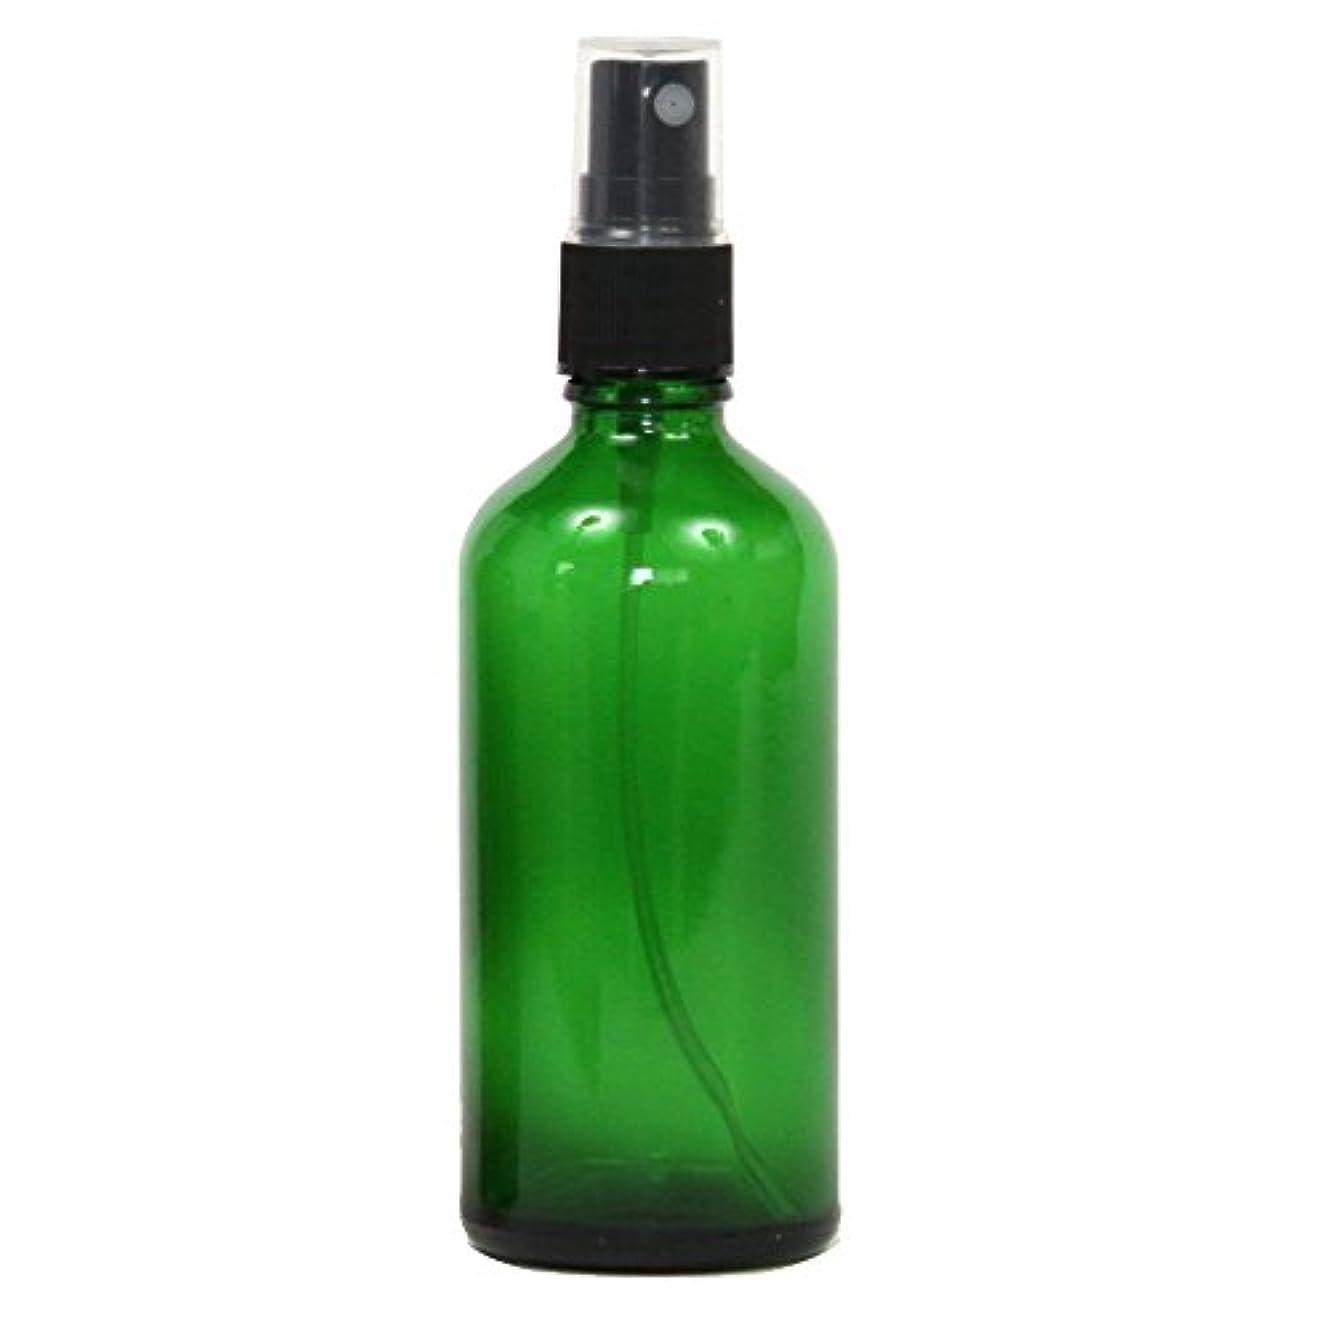 過剰簿記係優れたスプレーボトル ガラス瓶 100mL 【グリーン 緑色】 遮光性 ガラスアトマイザー 空容器gr100g